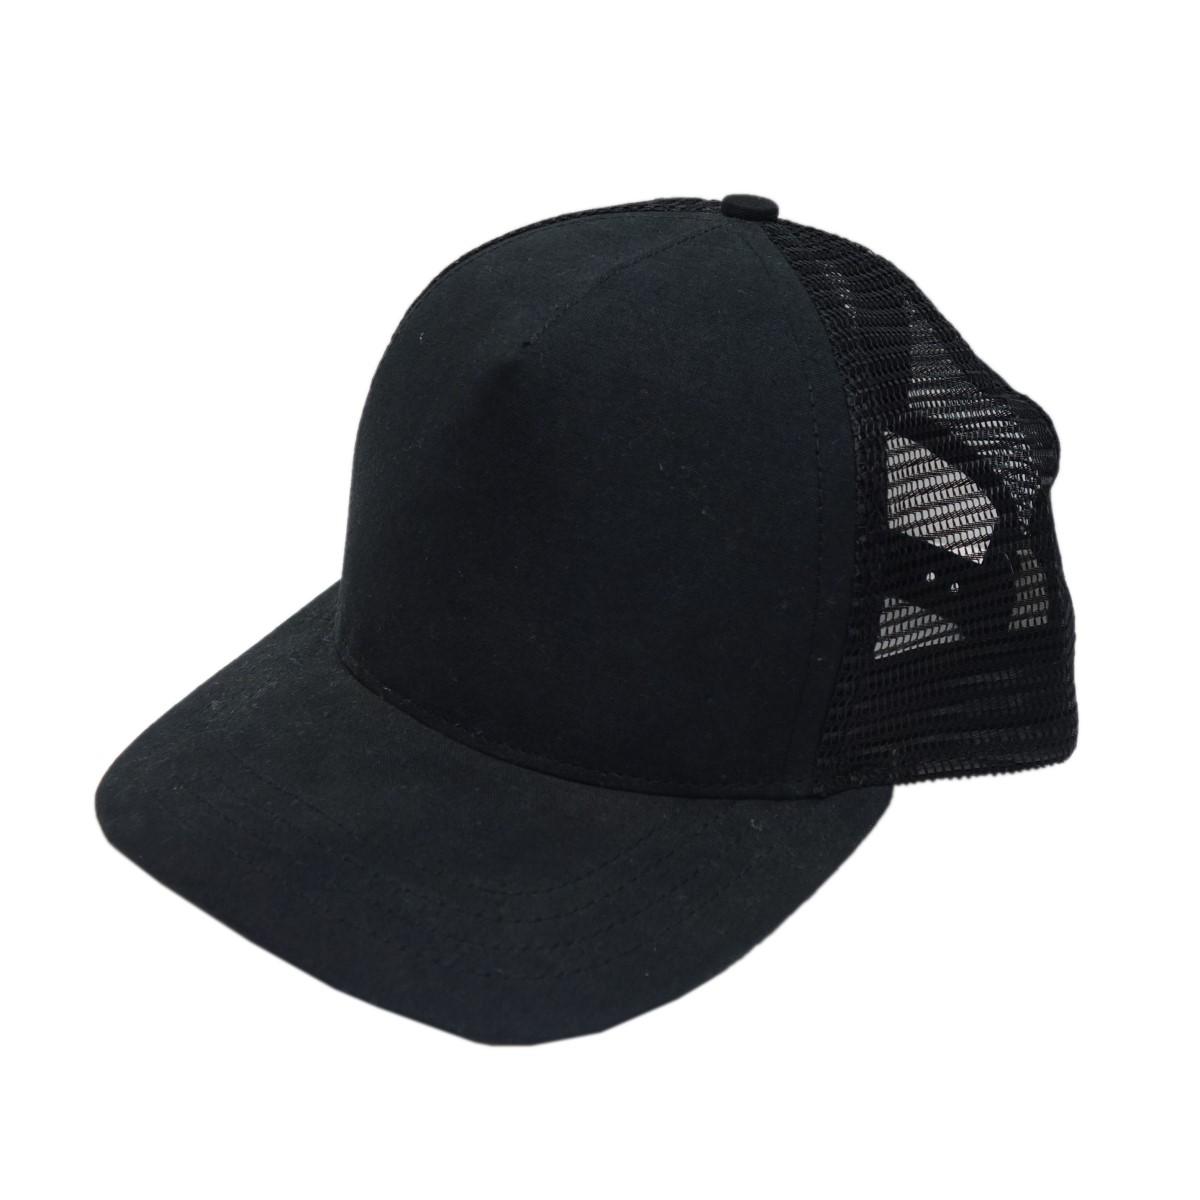 公式 GREG LAUREN メッシュキャップ ブラック 【100121】(グレッグローレン), 株式会社 ニーム 4d663225